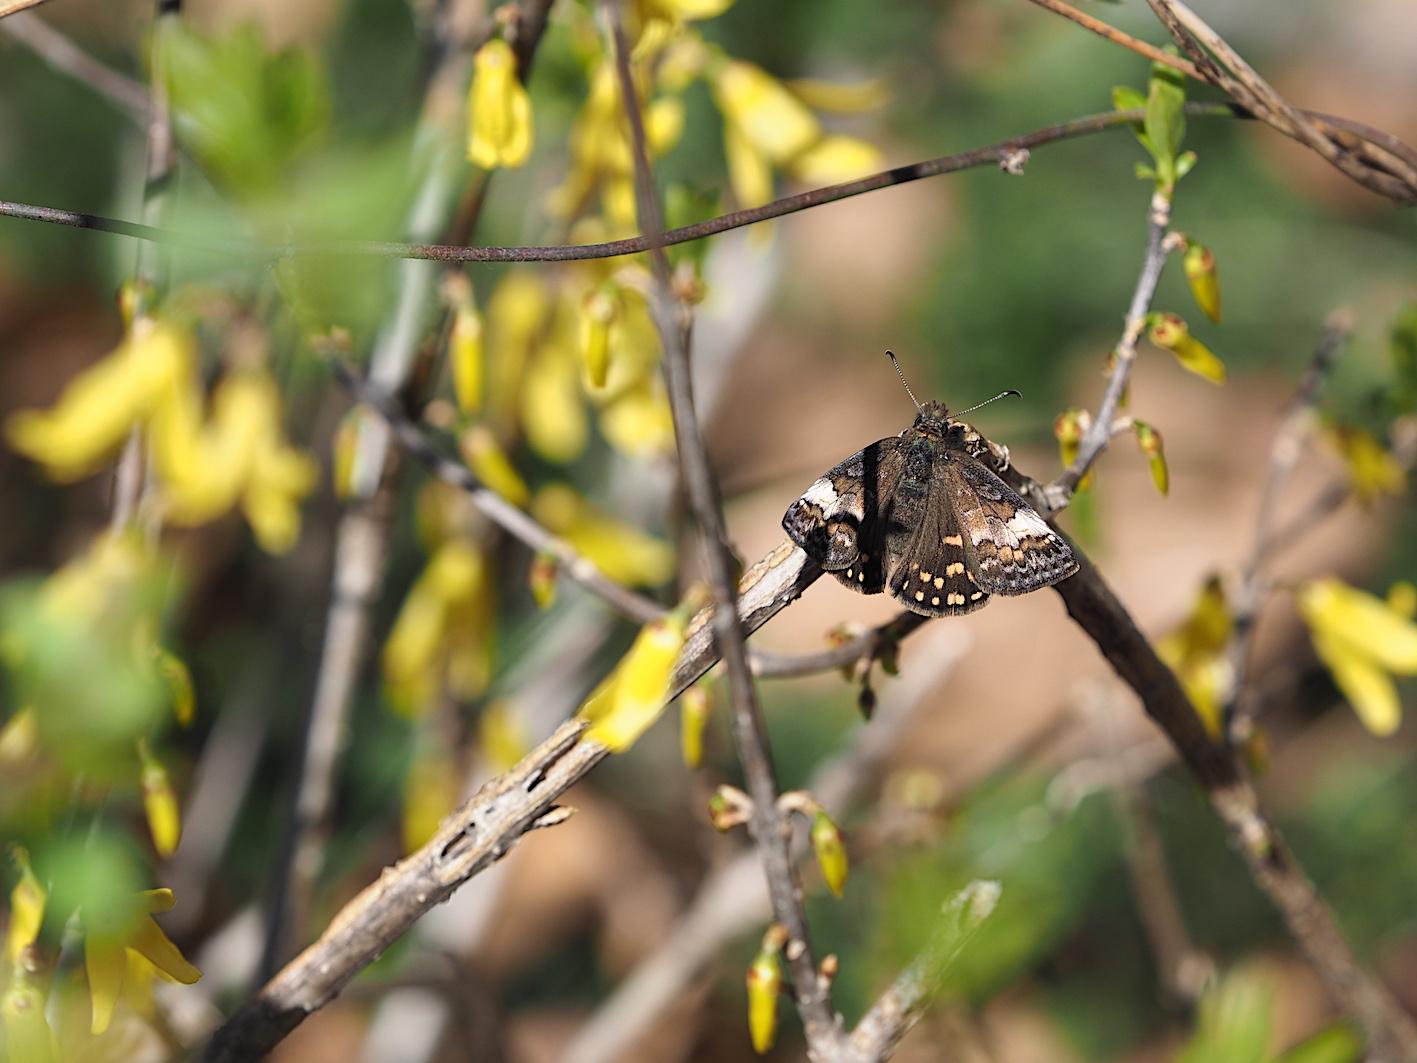 アセビにくる蝶たち、ミヤマセセリ(2019年3月26日)_d0303129_1513154.jpg